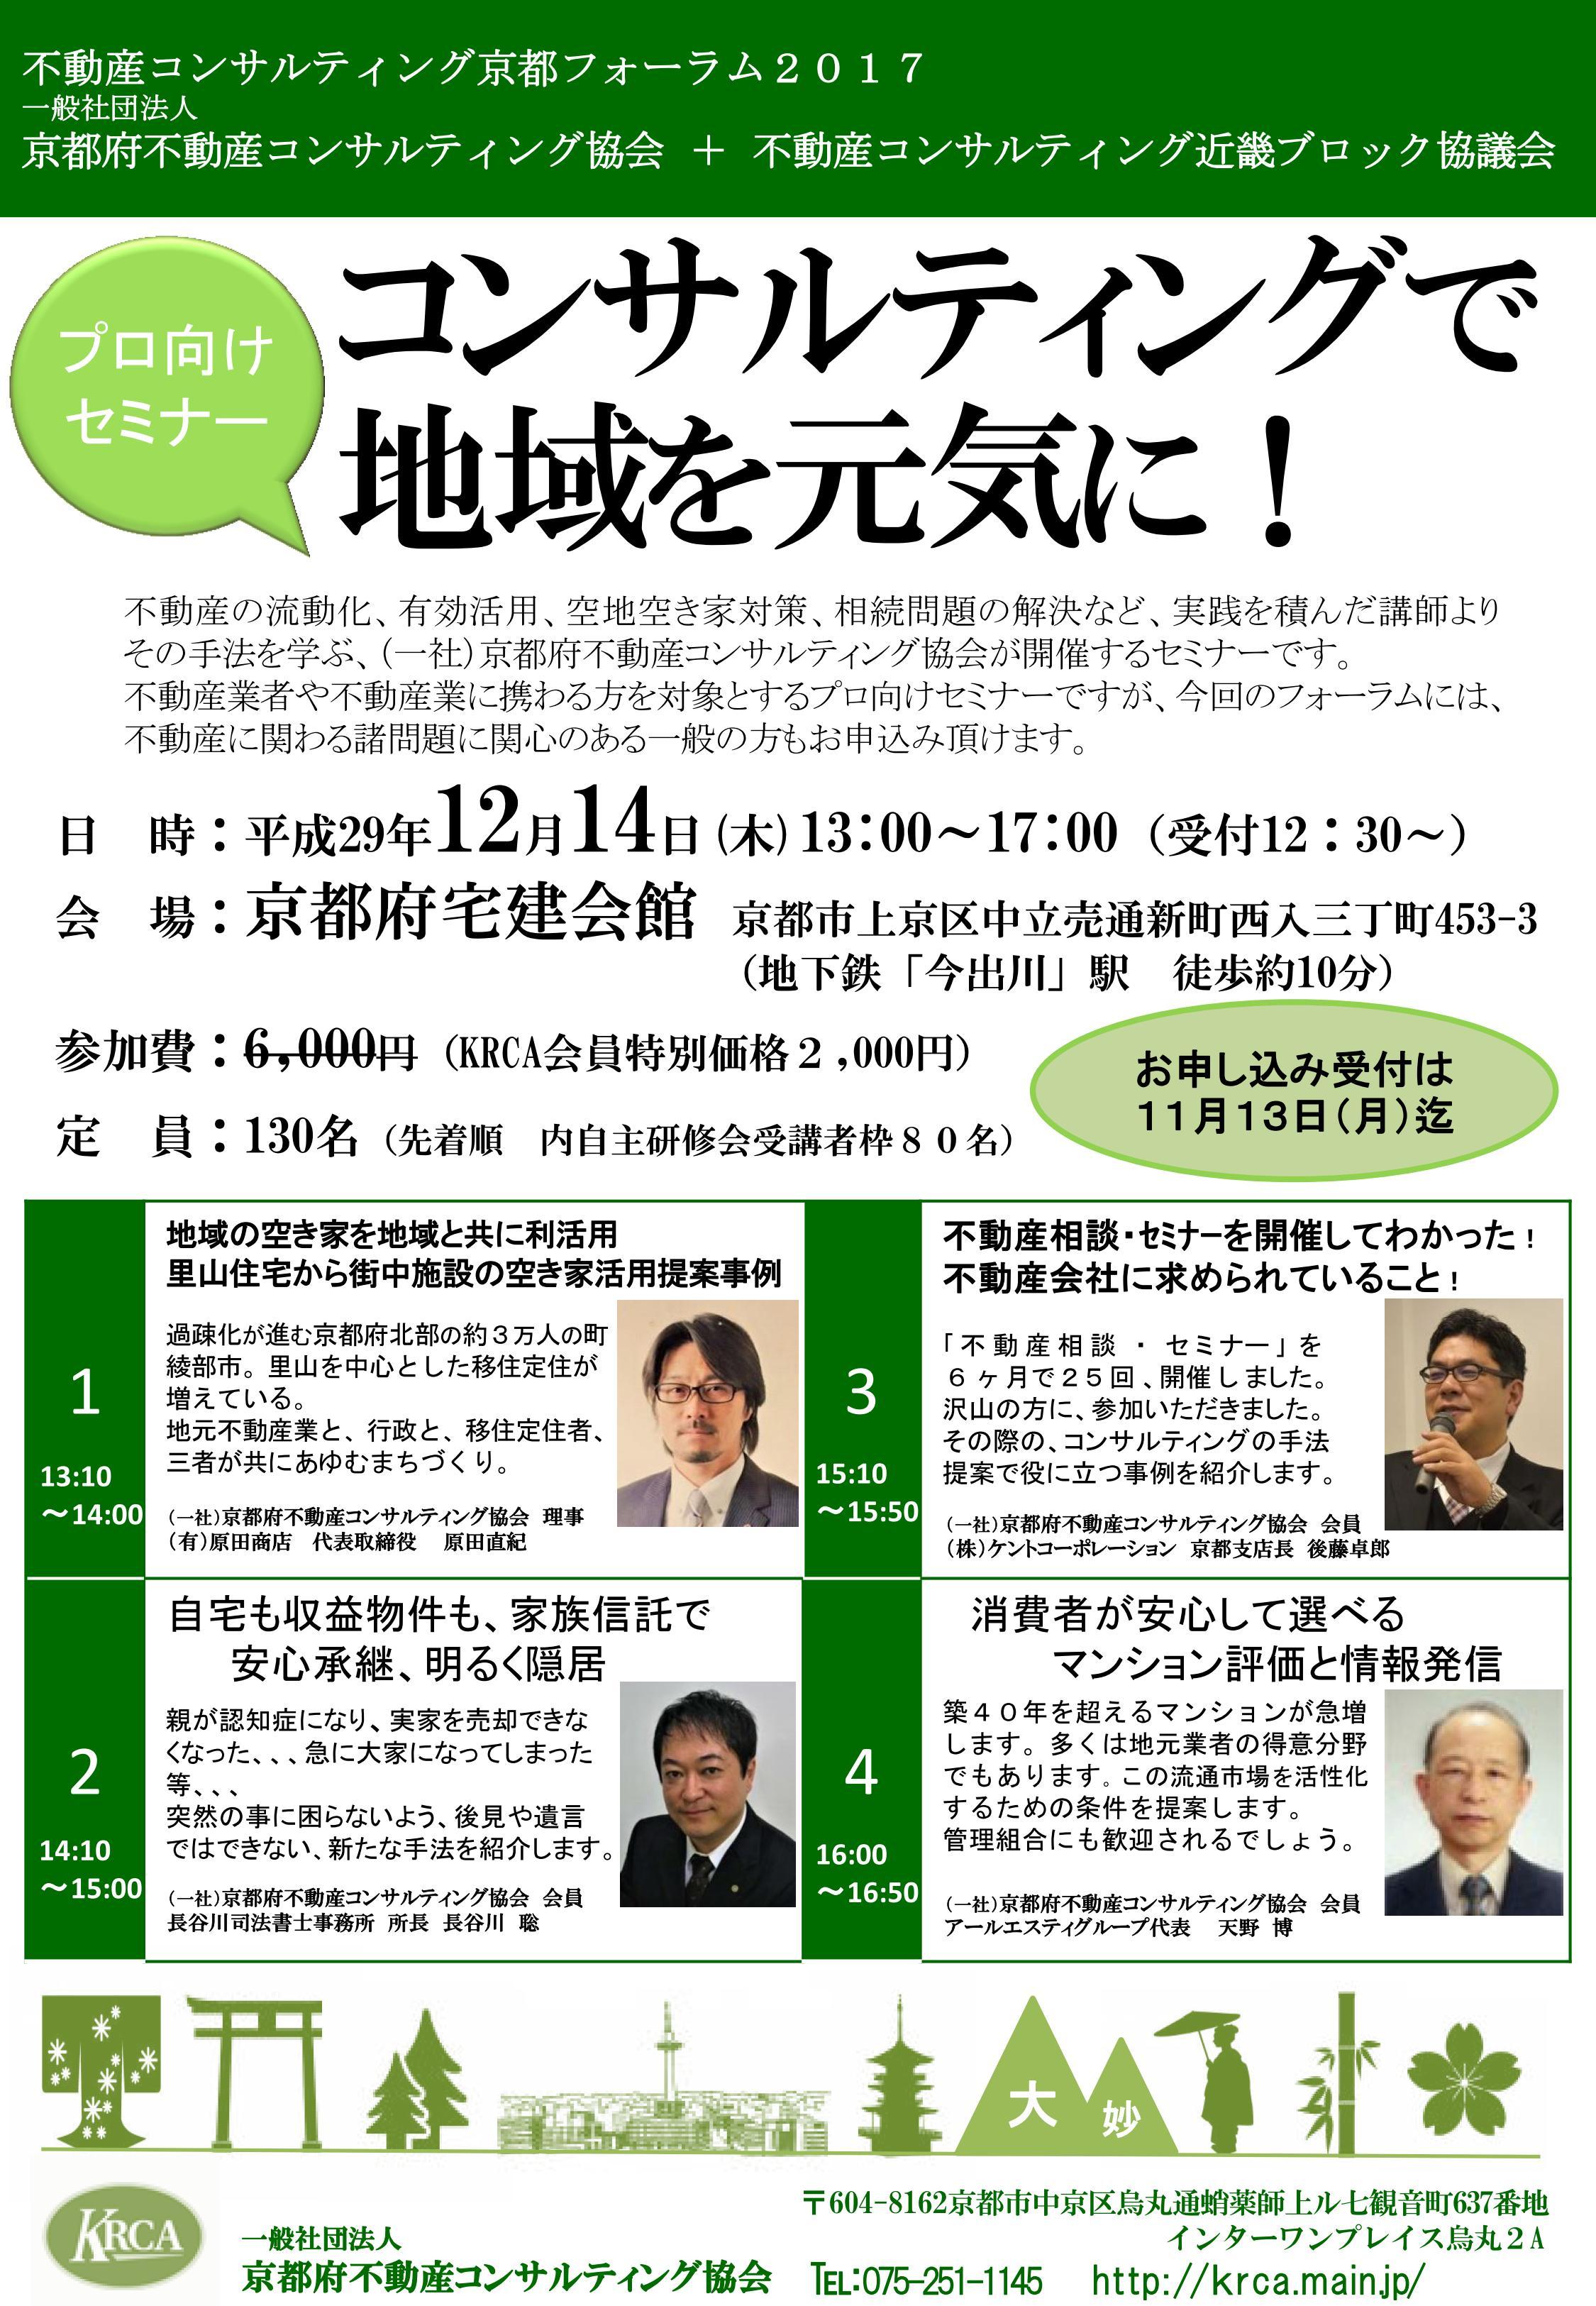 (一社)京都府不動産コンサルティング協会(平成29年12月14日)